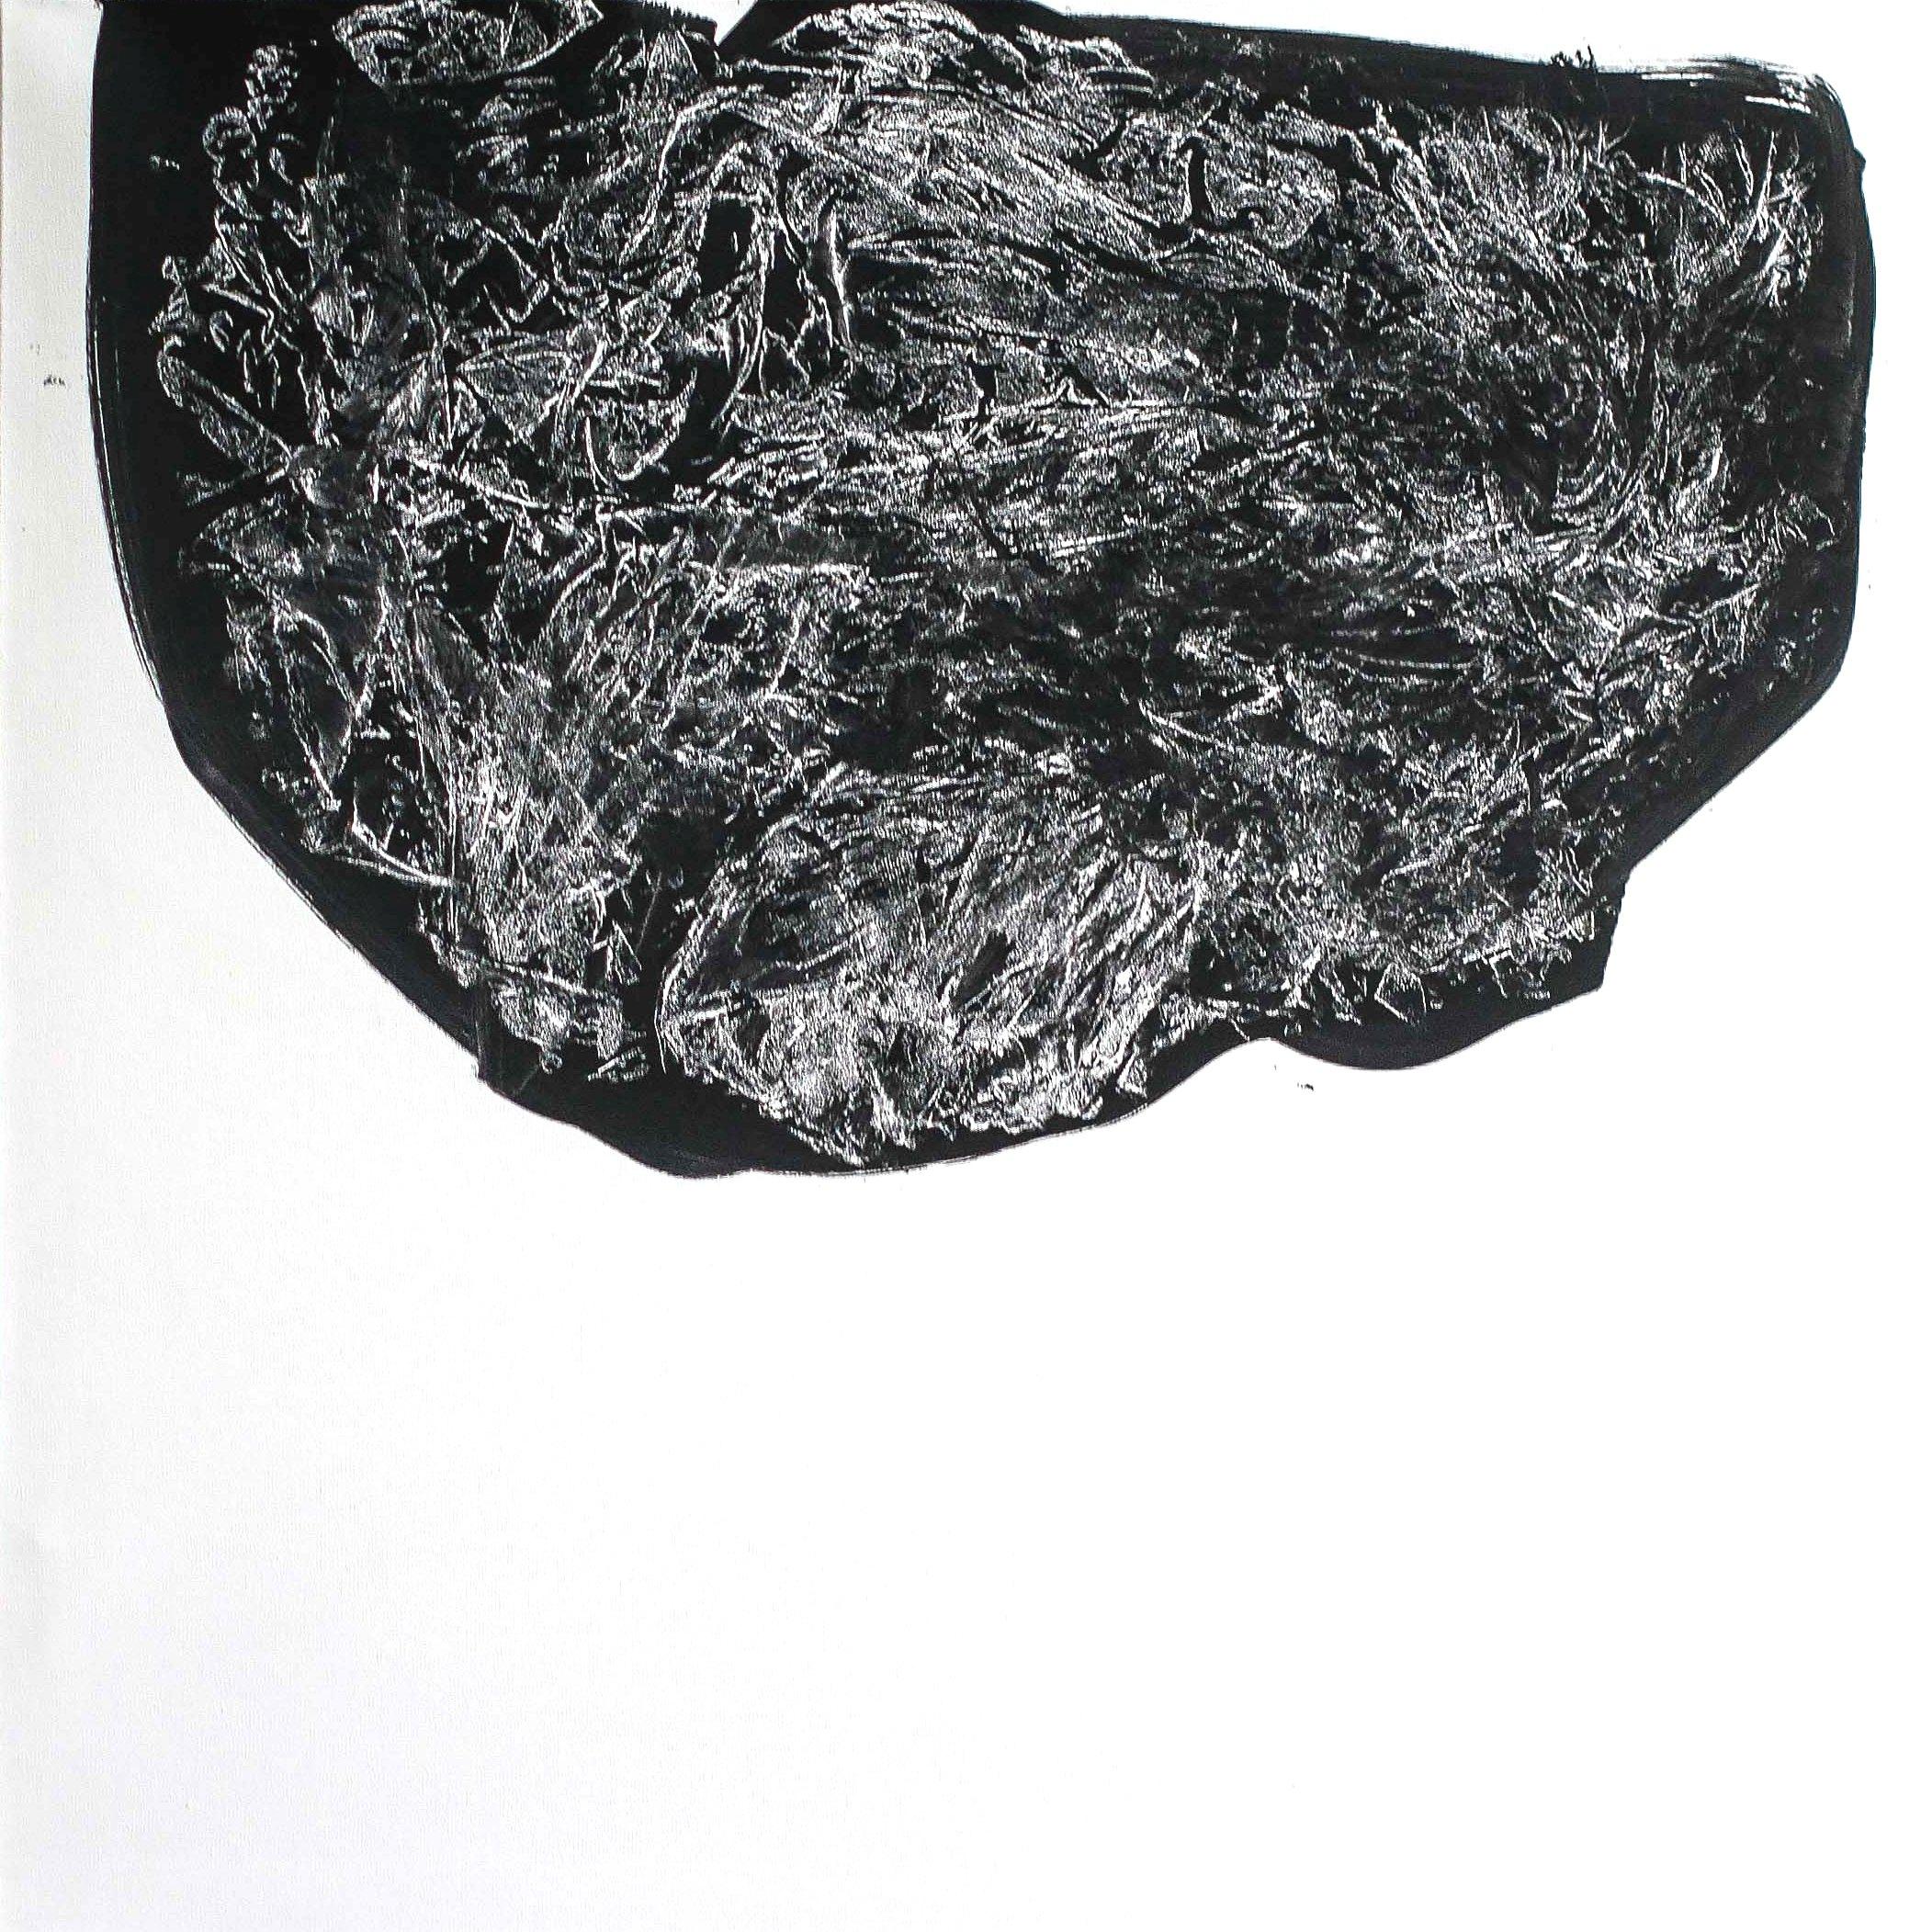 MAPLE LEAF-1